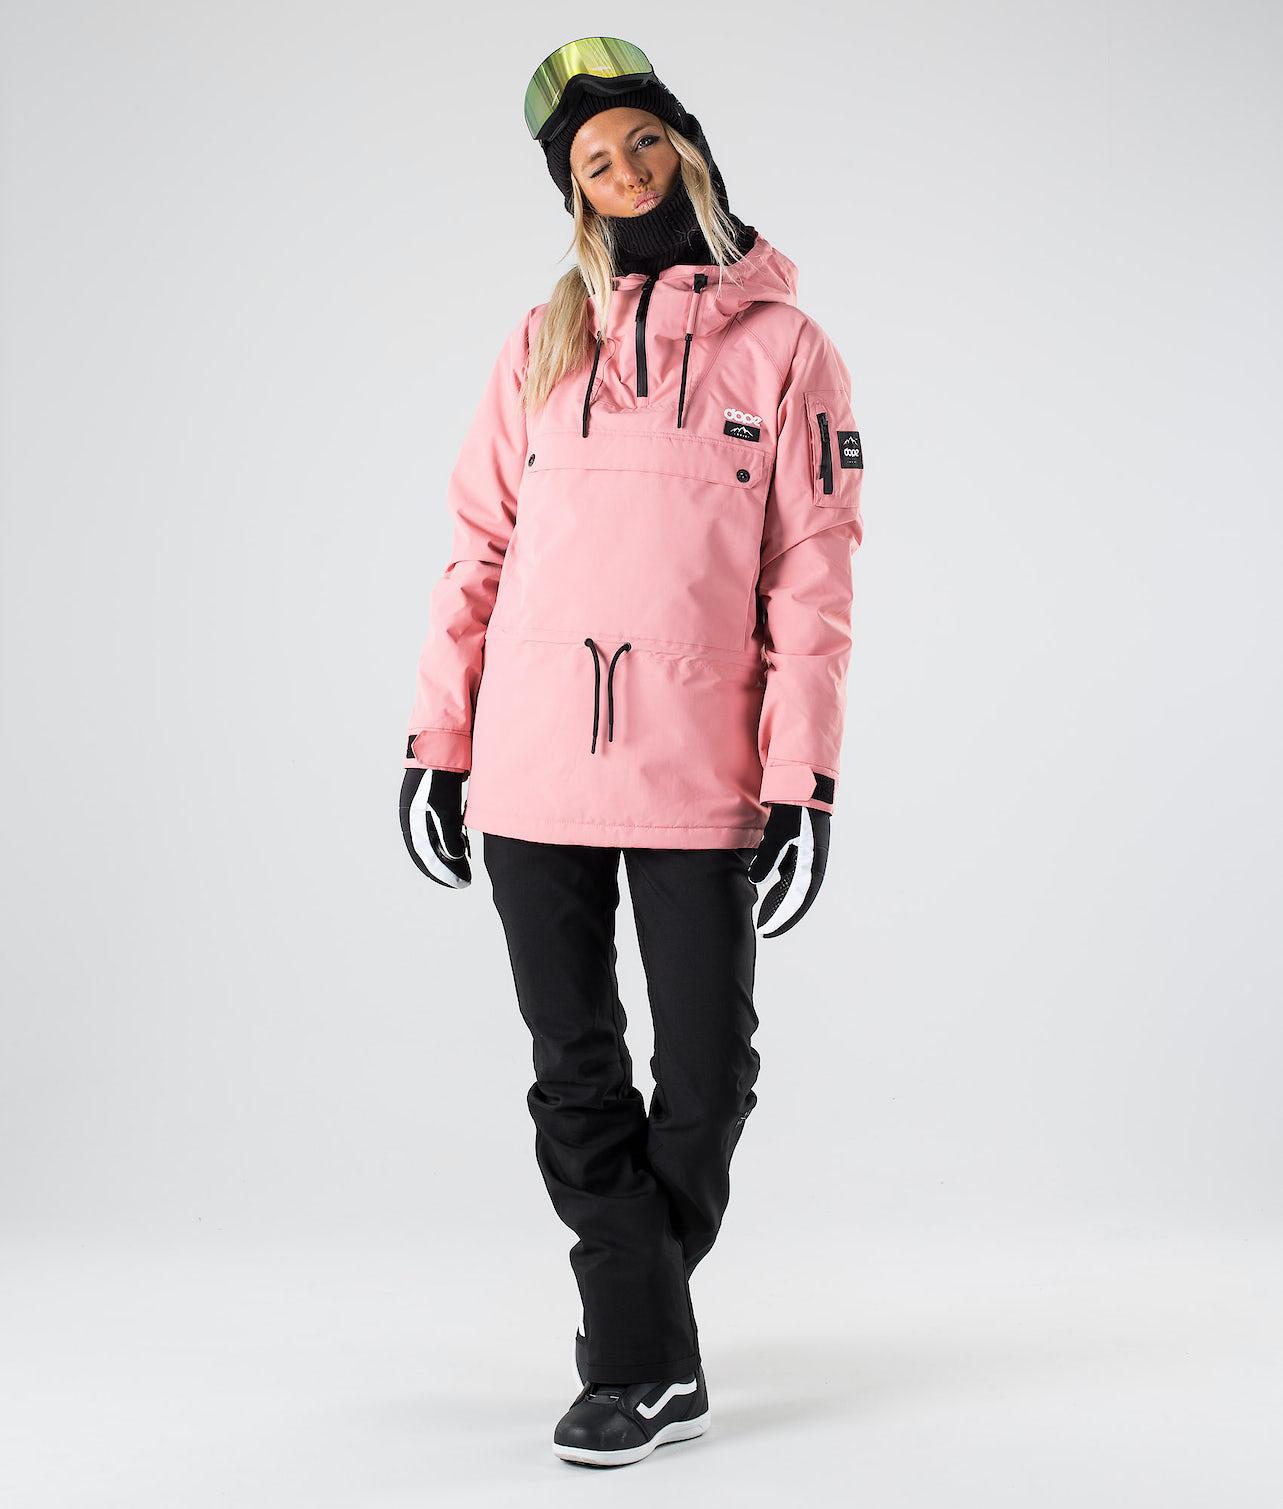 Kjøp Annok W Snowboardjakke fra Dope på Ridestore.no - Hos oss har du alltid fri frakt, fri retur og 30 dagers åpent kjøp!